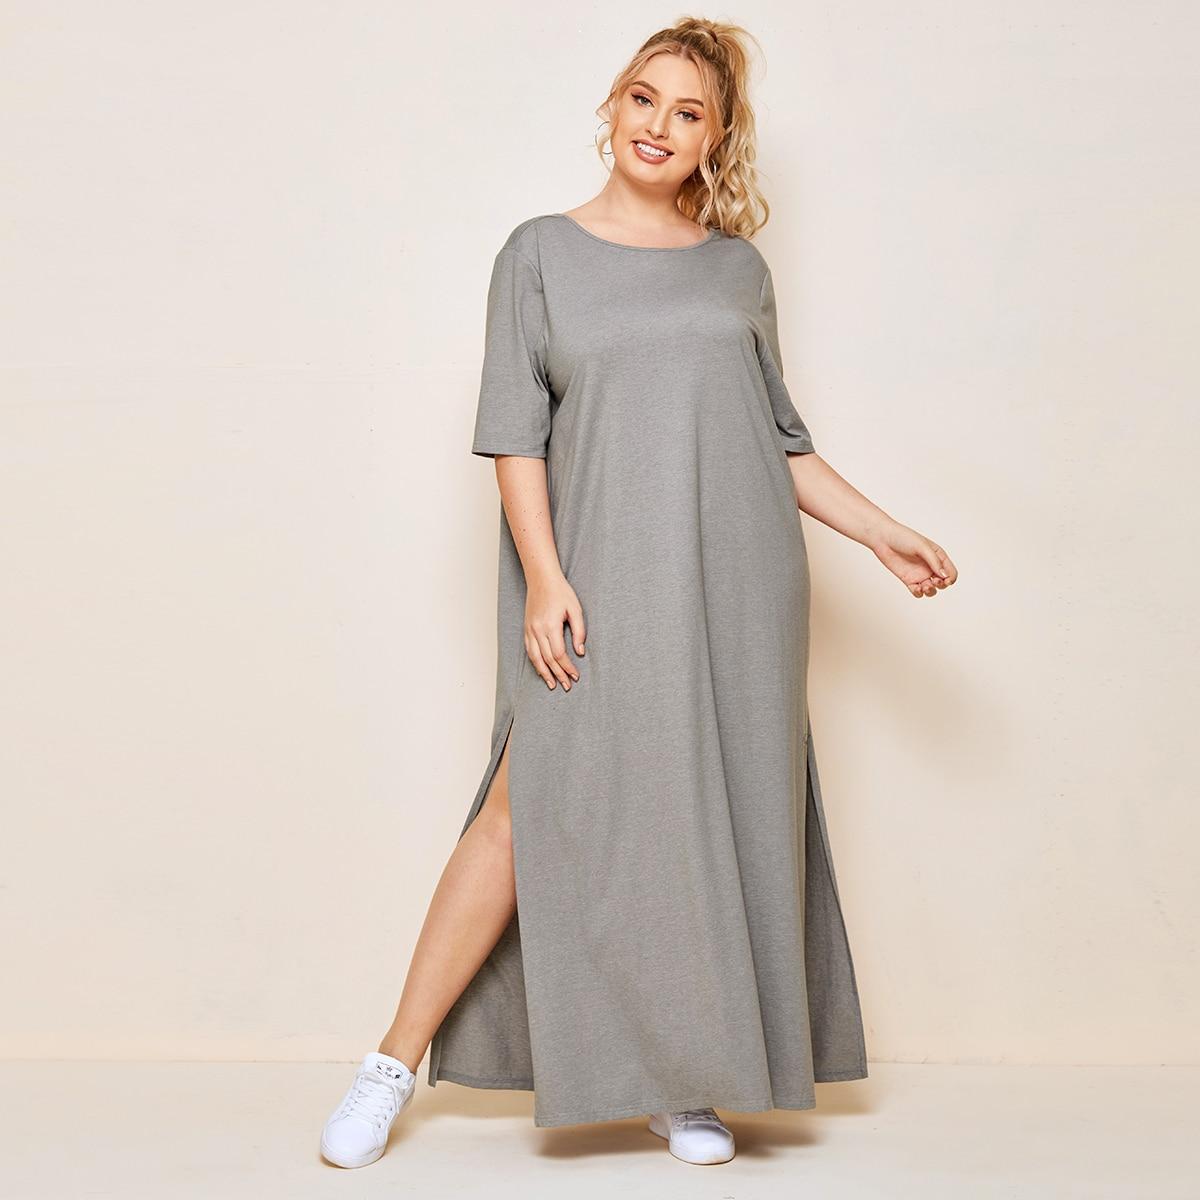 Платье-футболка размера плюс с разрезом и открытой спиной фото